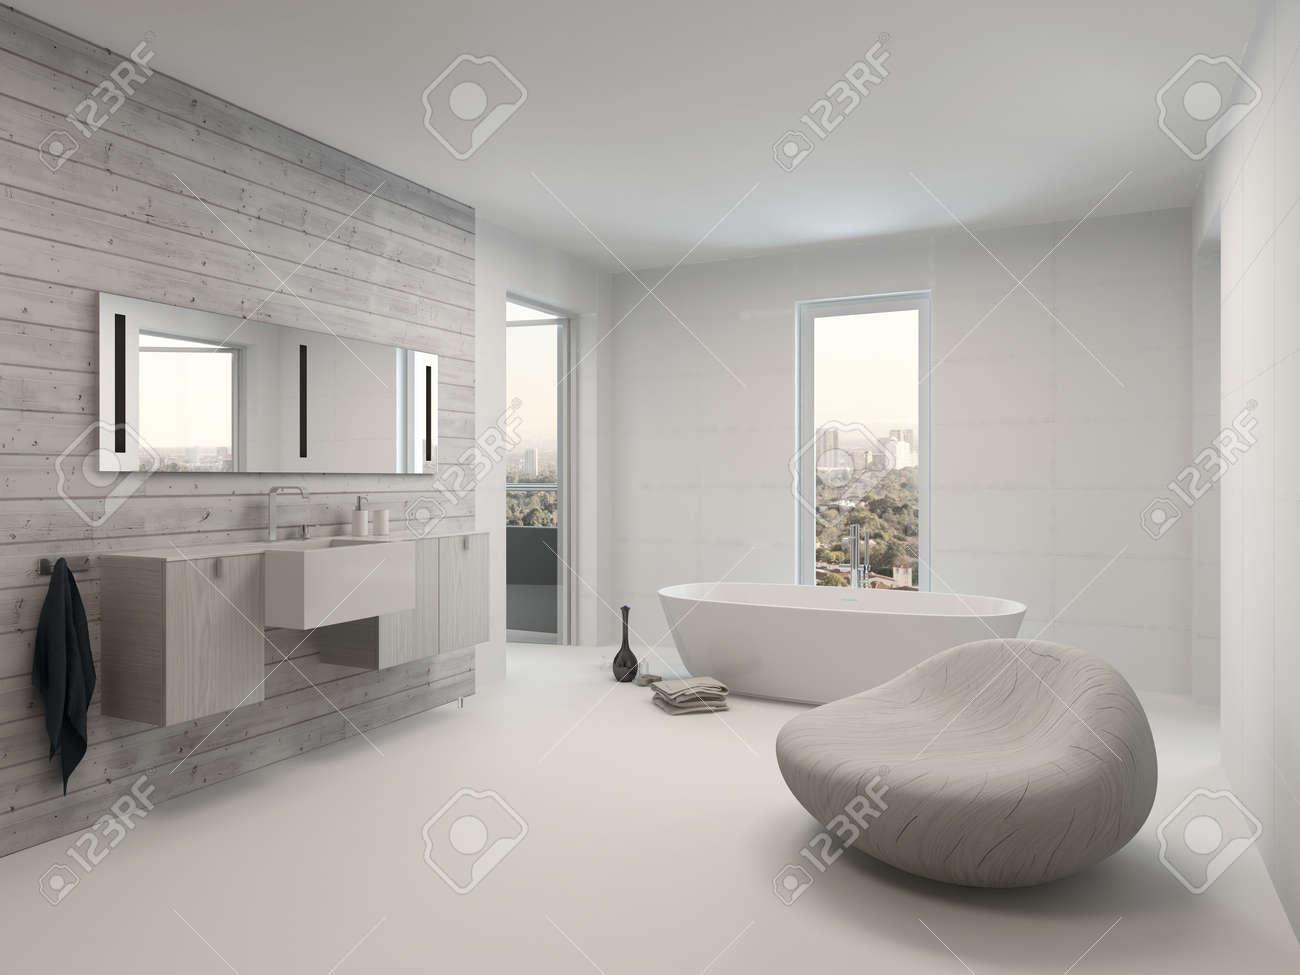 Reines Weiss Modernen Luxus Badezimmer Interieur Lizenzfreie Fotos Bilder Und Stock Fotografie Image 28772347